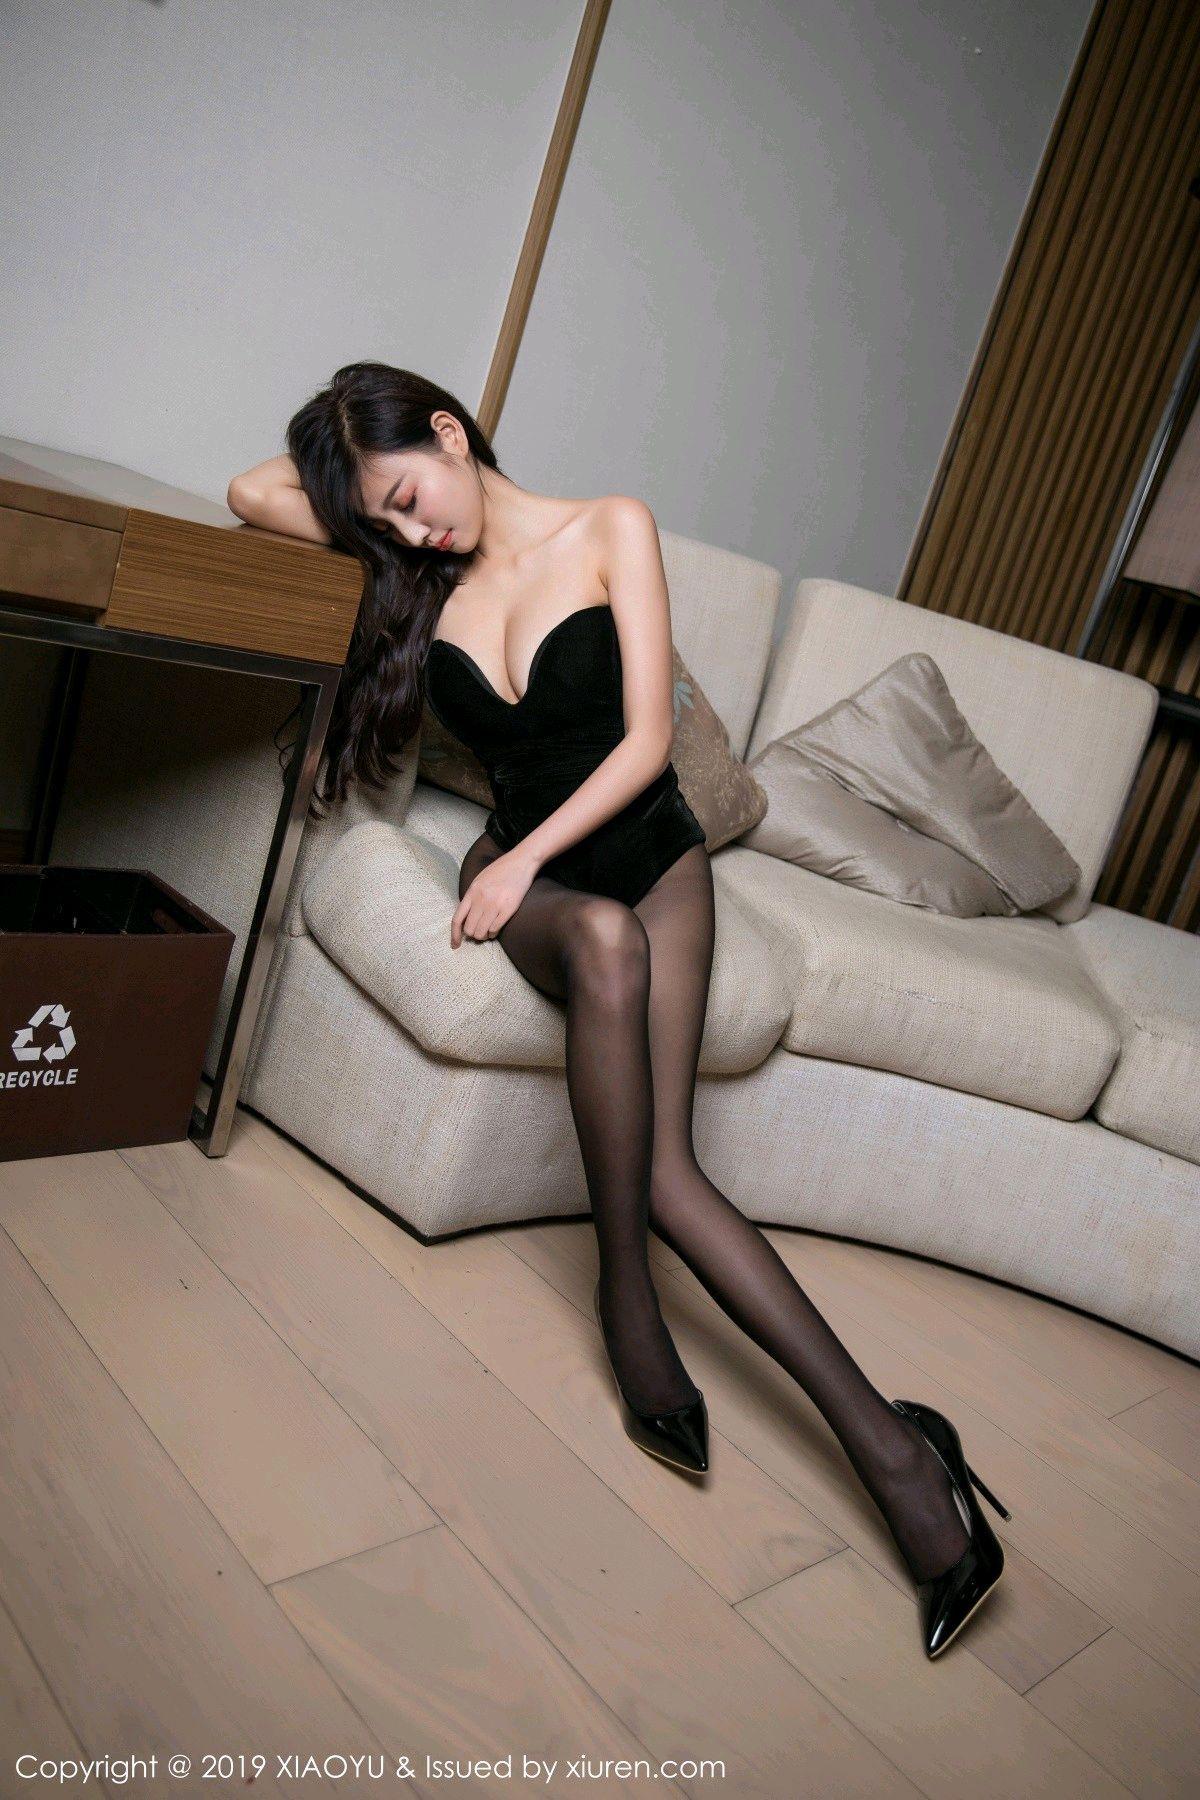 [XiaoYu] Vol.012 Yang Chen Chen 8P, Black Silk, Tall, XiaoYu, Yang Chen Chen